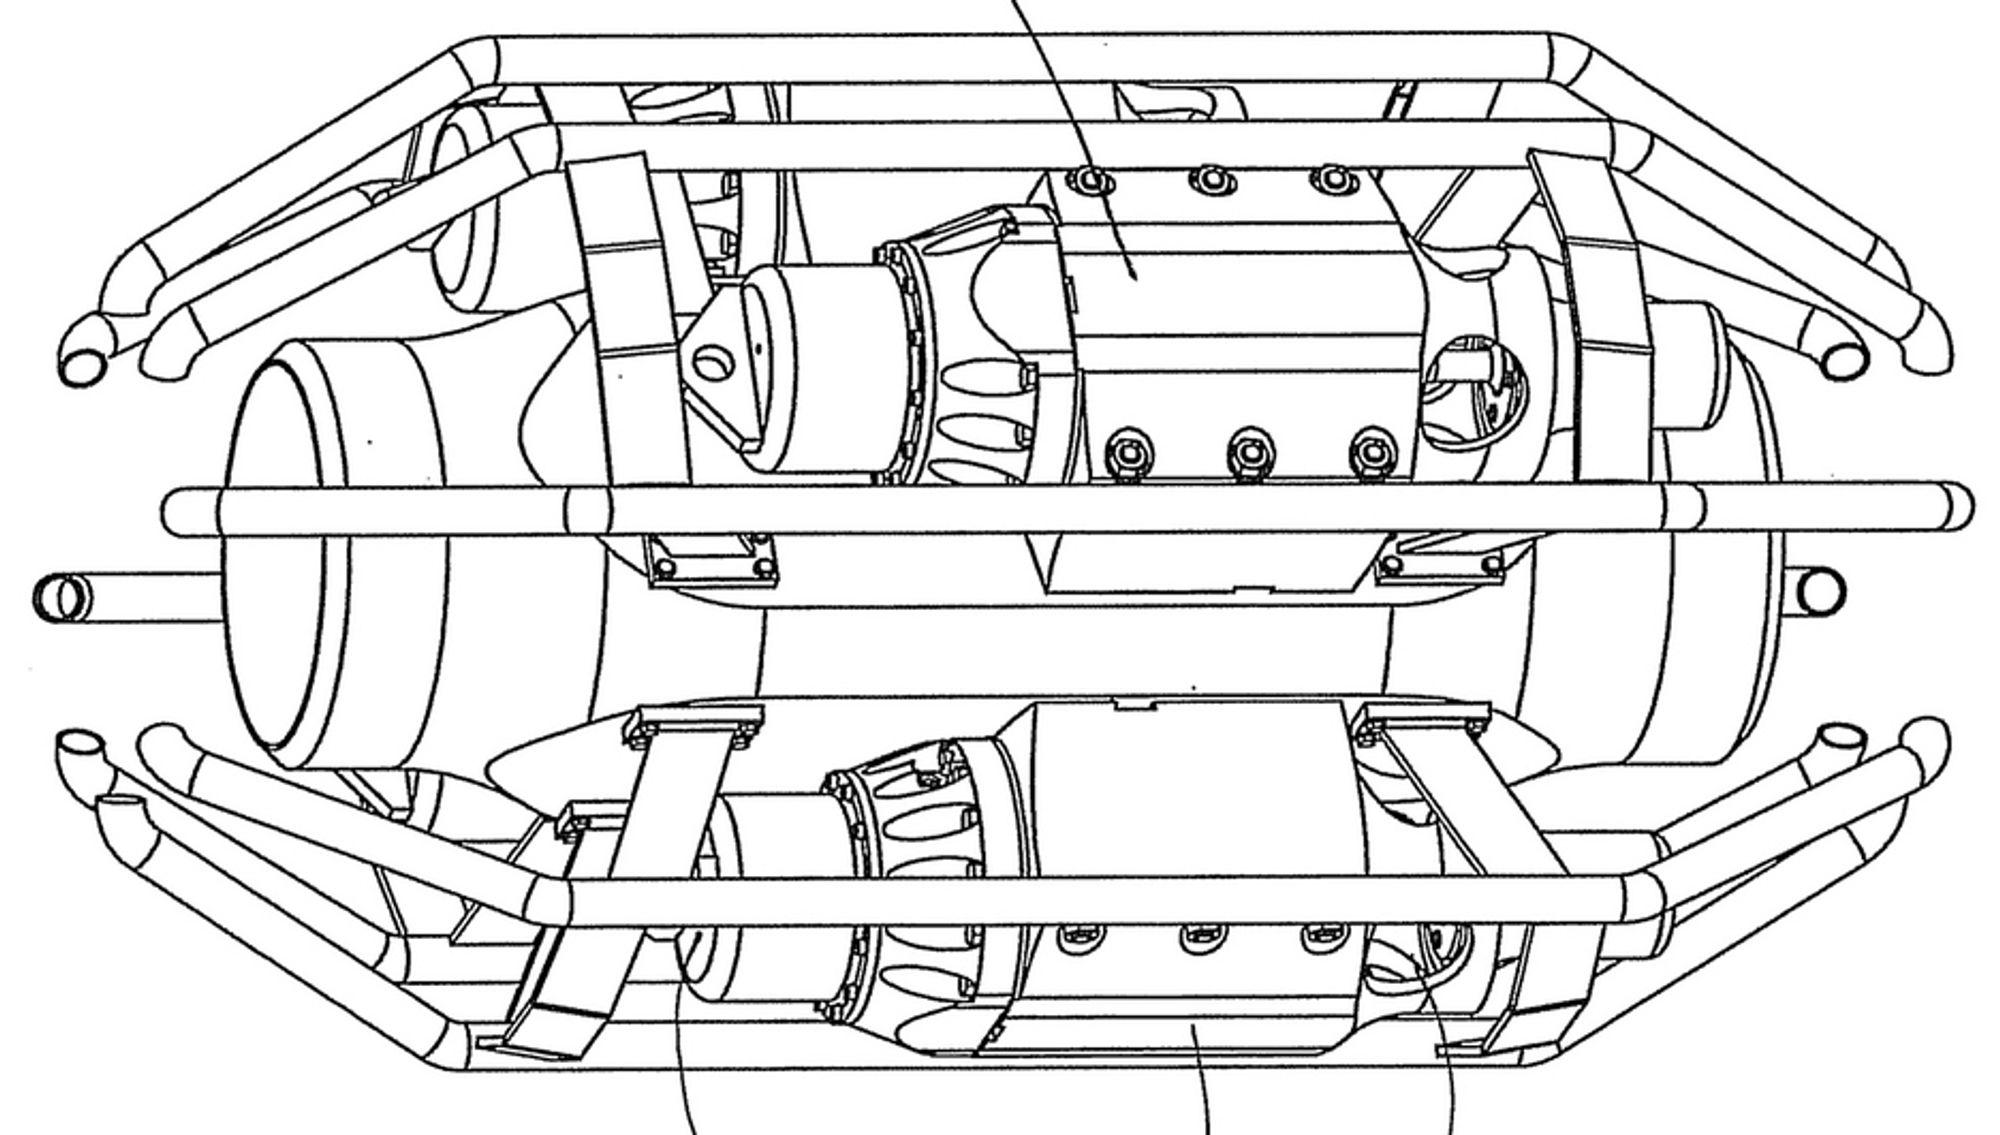 FERSK: Så sent som 6. september fikk Aker Subsea innvilget patent på denne marine stigerørsventilen. Aker Subsea er blant de få norske selskapene som bruker patentering. Etter 2002 er selskapet registrert med 13 patentsøknader.